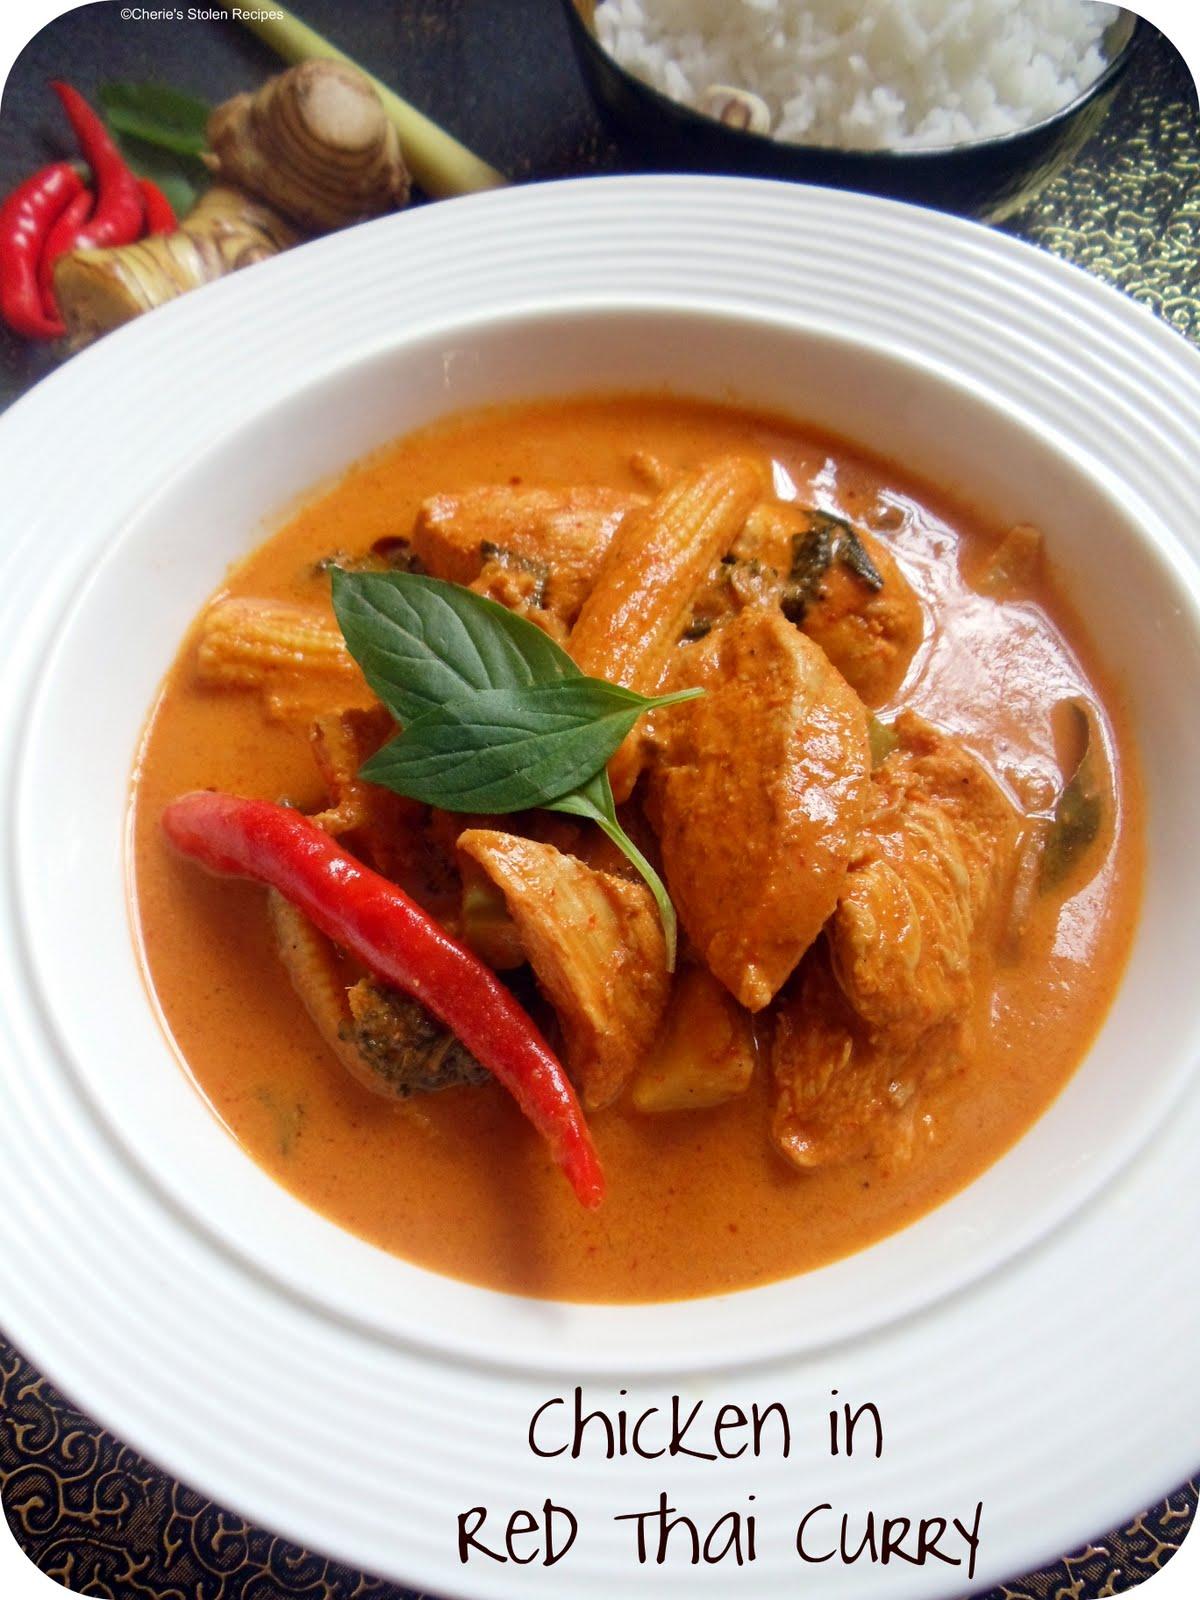 Cheries Stolen RecipesChicken in Red Thai Curry